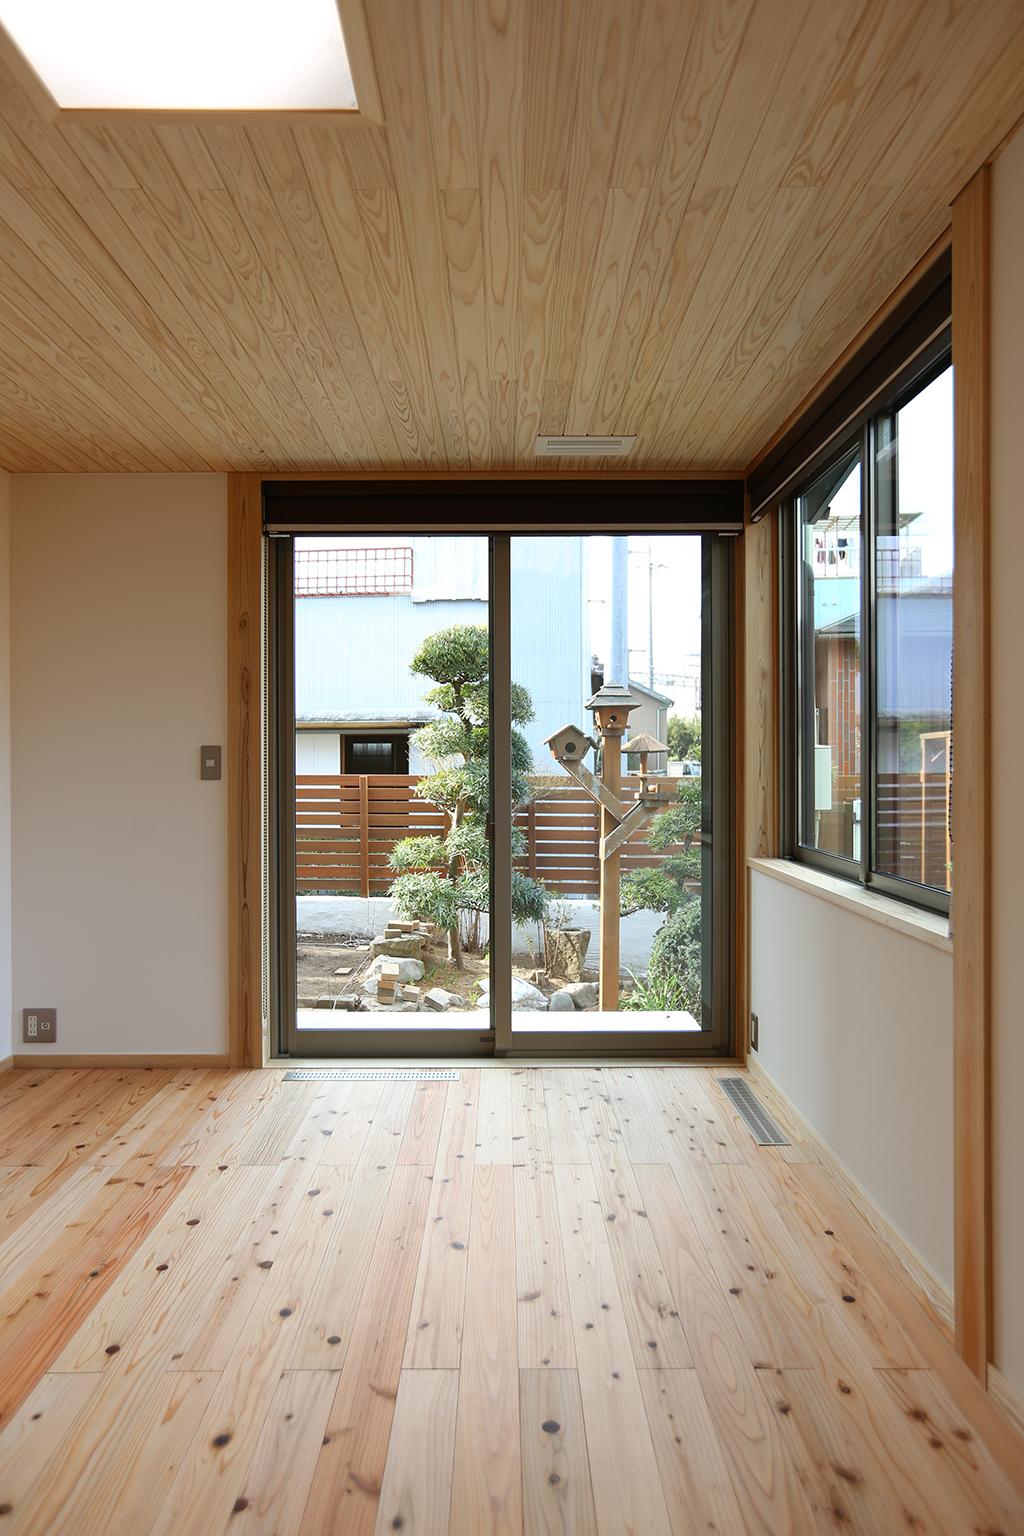 高砂市の木の家 寝室から庭を望む